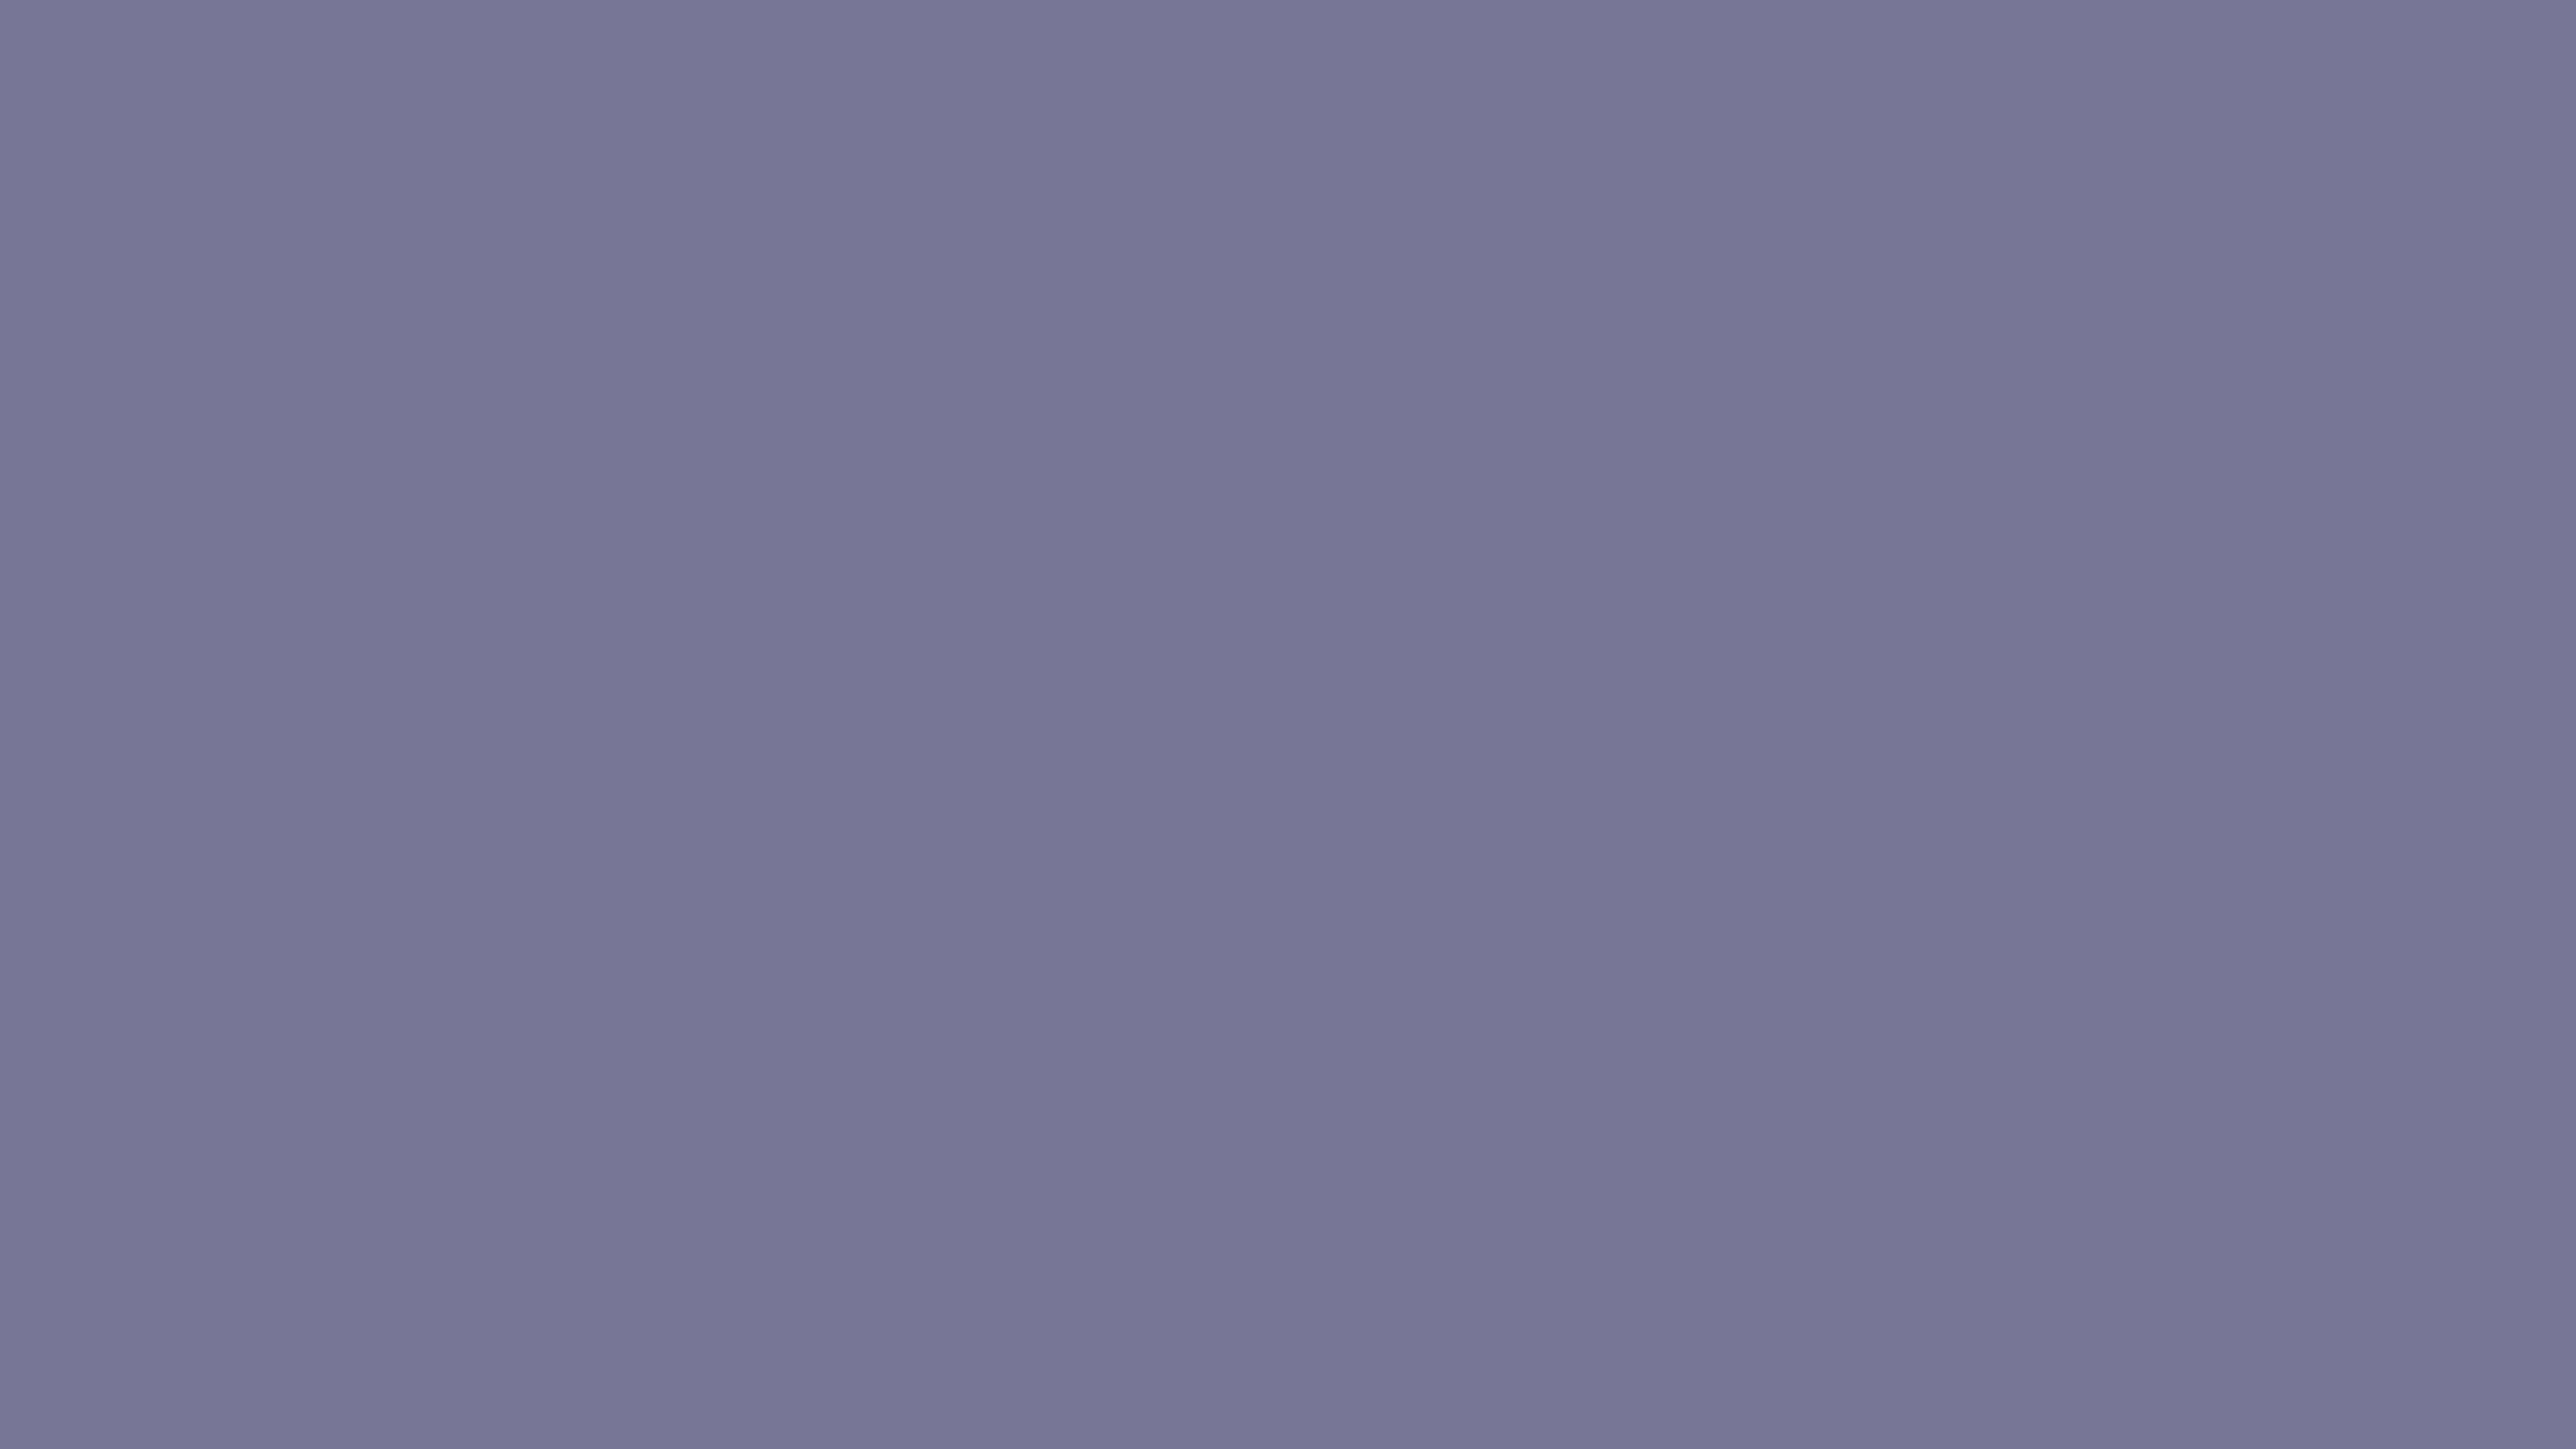 5120x2880 Rhythm Solid Color Background